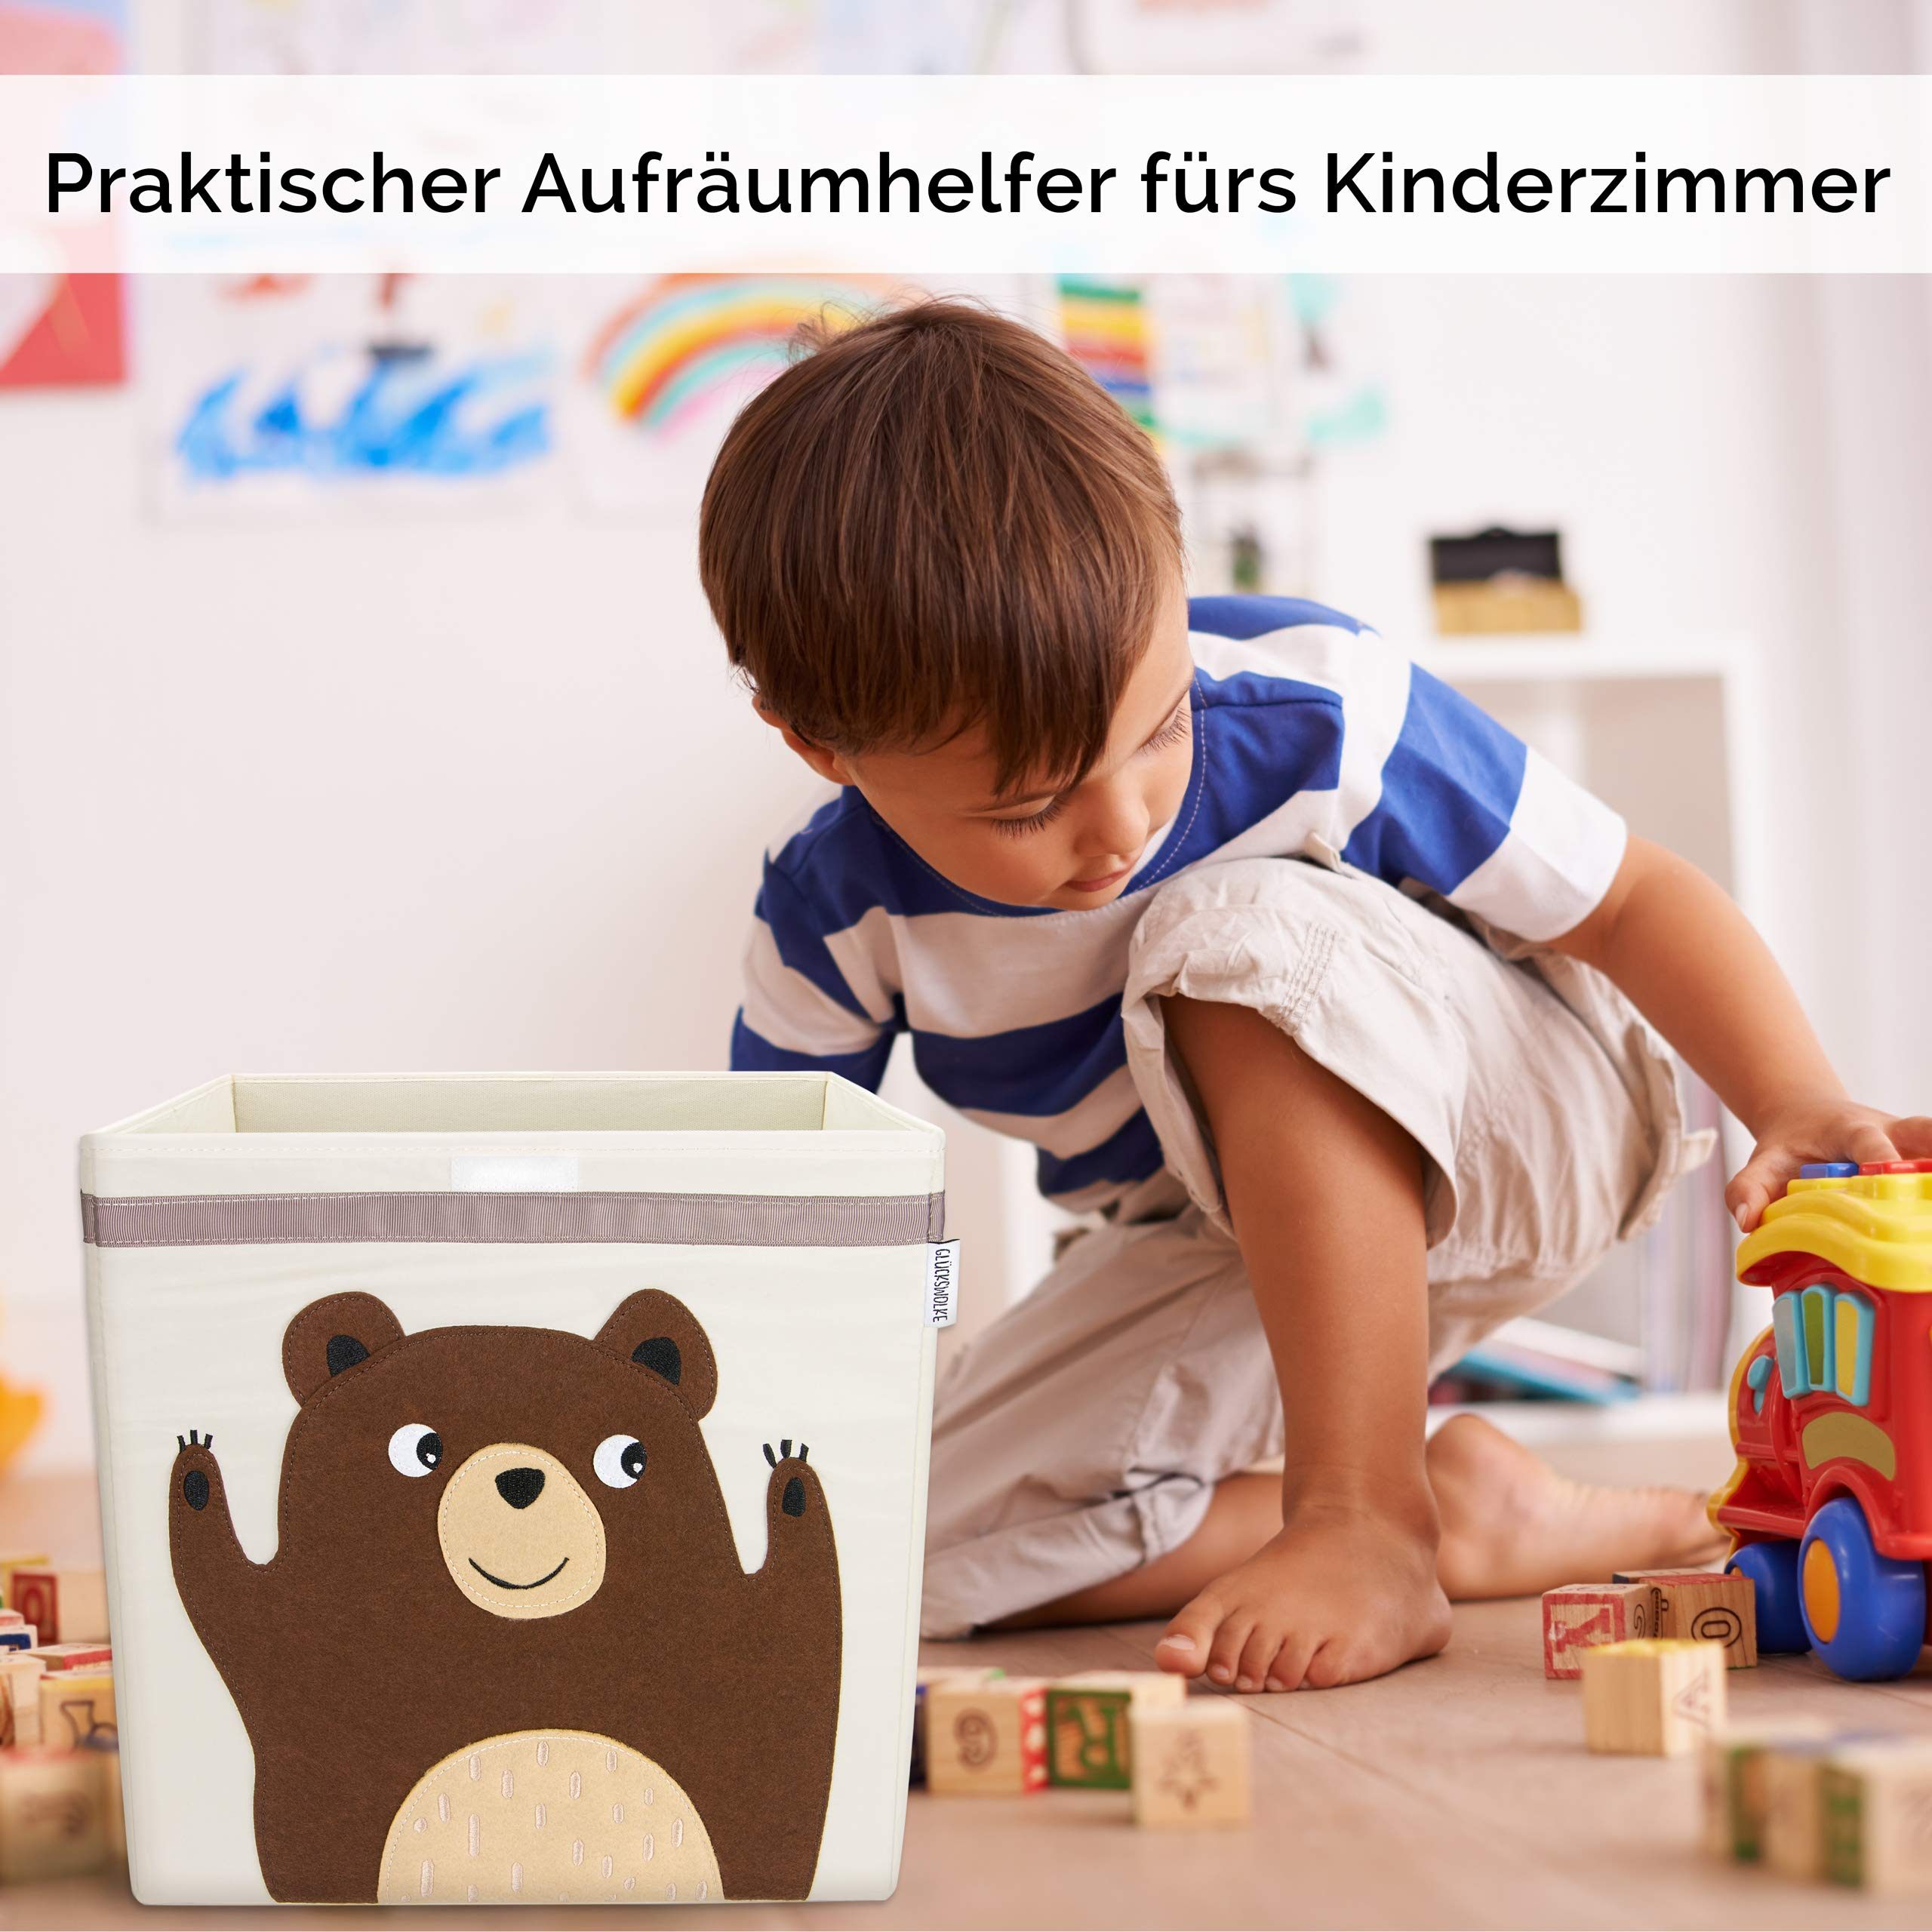 Gluckswolke Aufbewahrungsbox Fur Kinderzimmer I Praktische Spielzeug Kiste Mit Deckel Und Griffen I Spielzeug Box 33x33x33 Zur Aufbewahrung Im